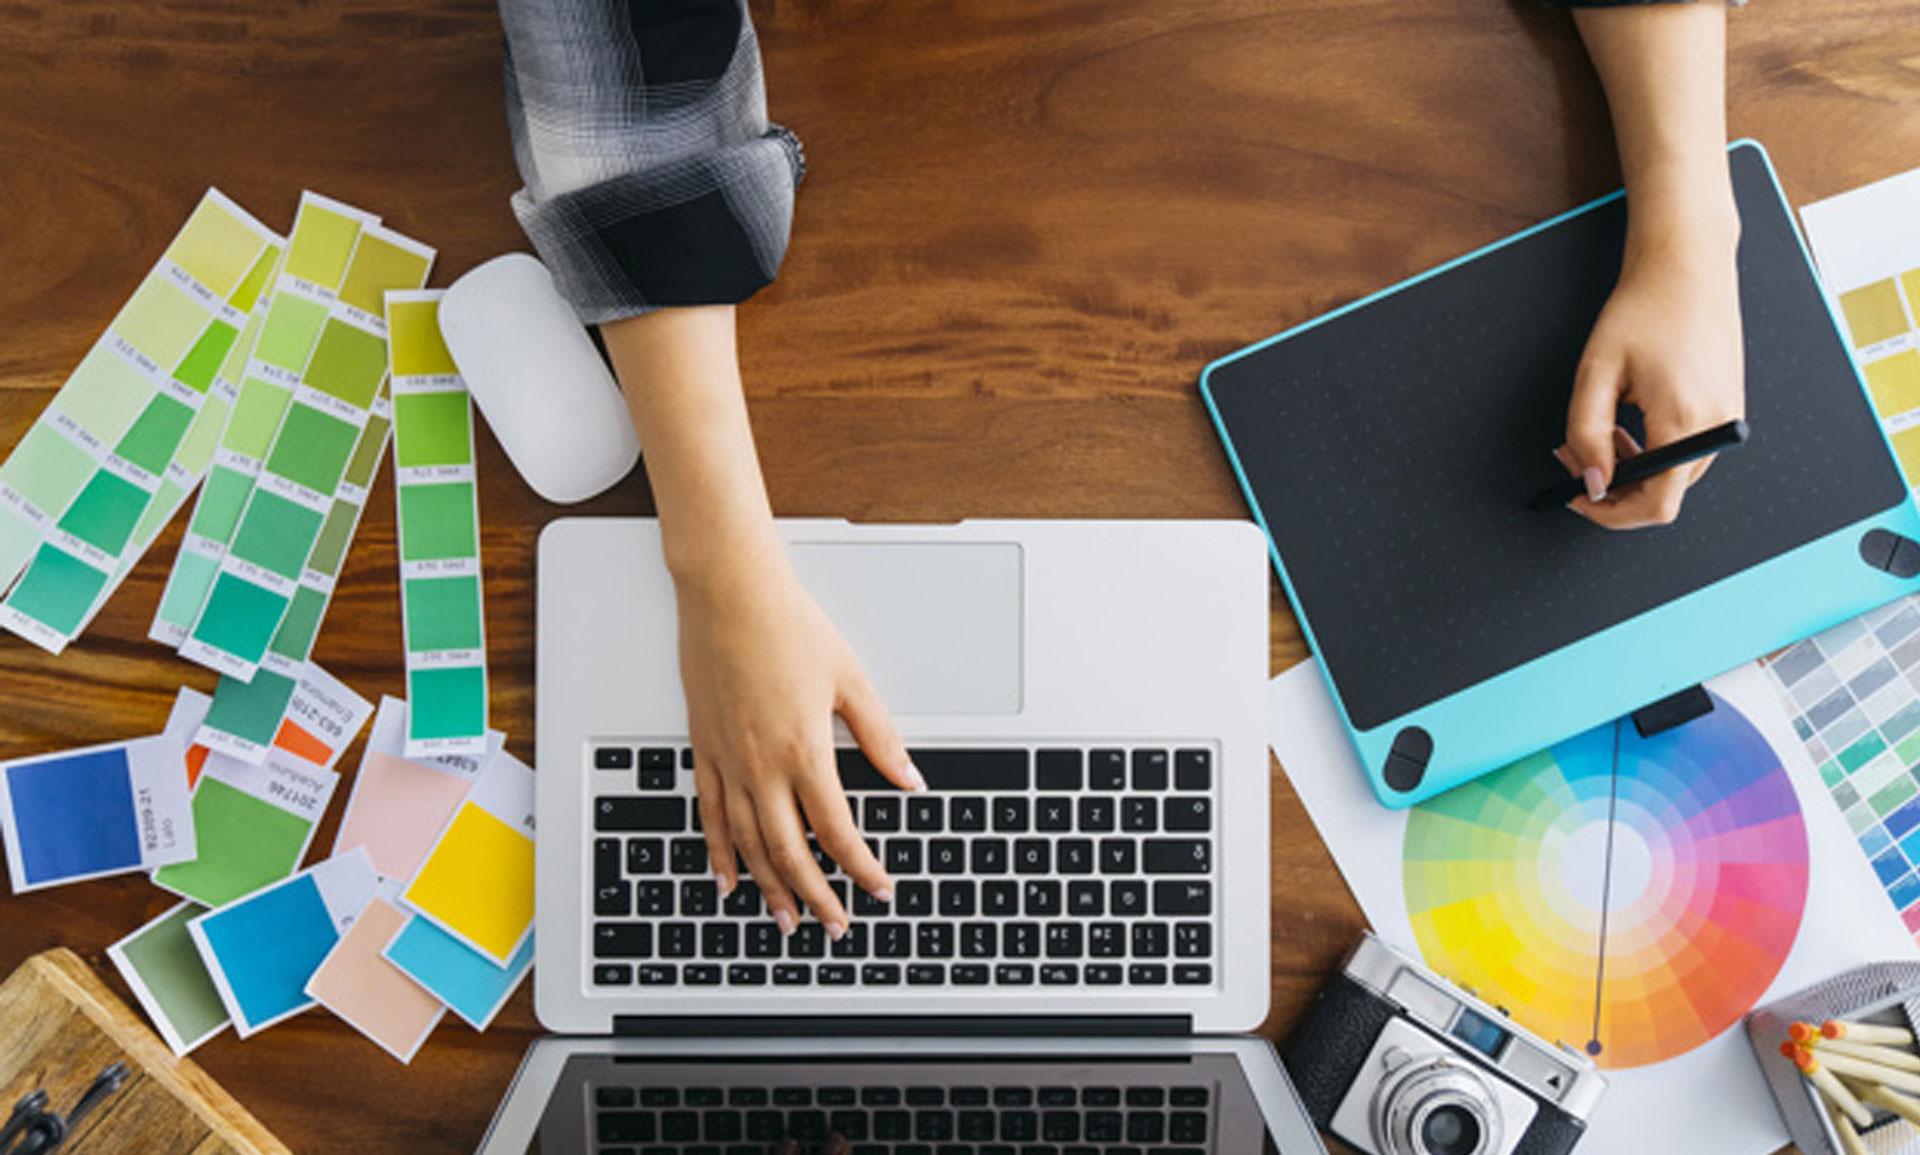 3 maneras de integrar creatividad a las rutinas empresariales con Adobe Spark